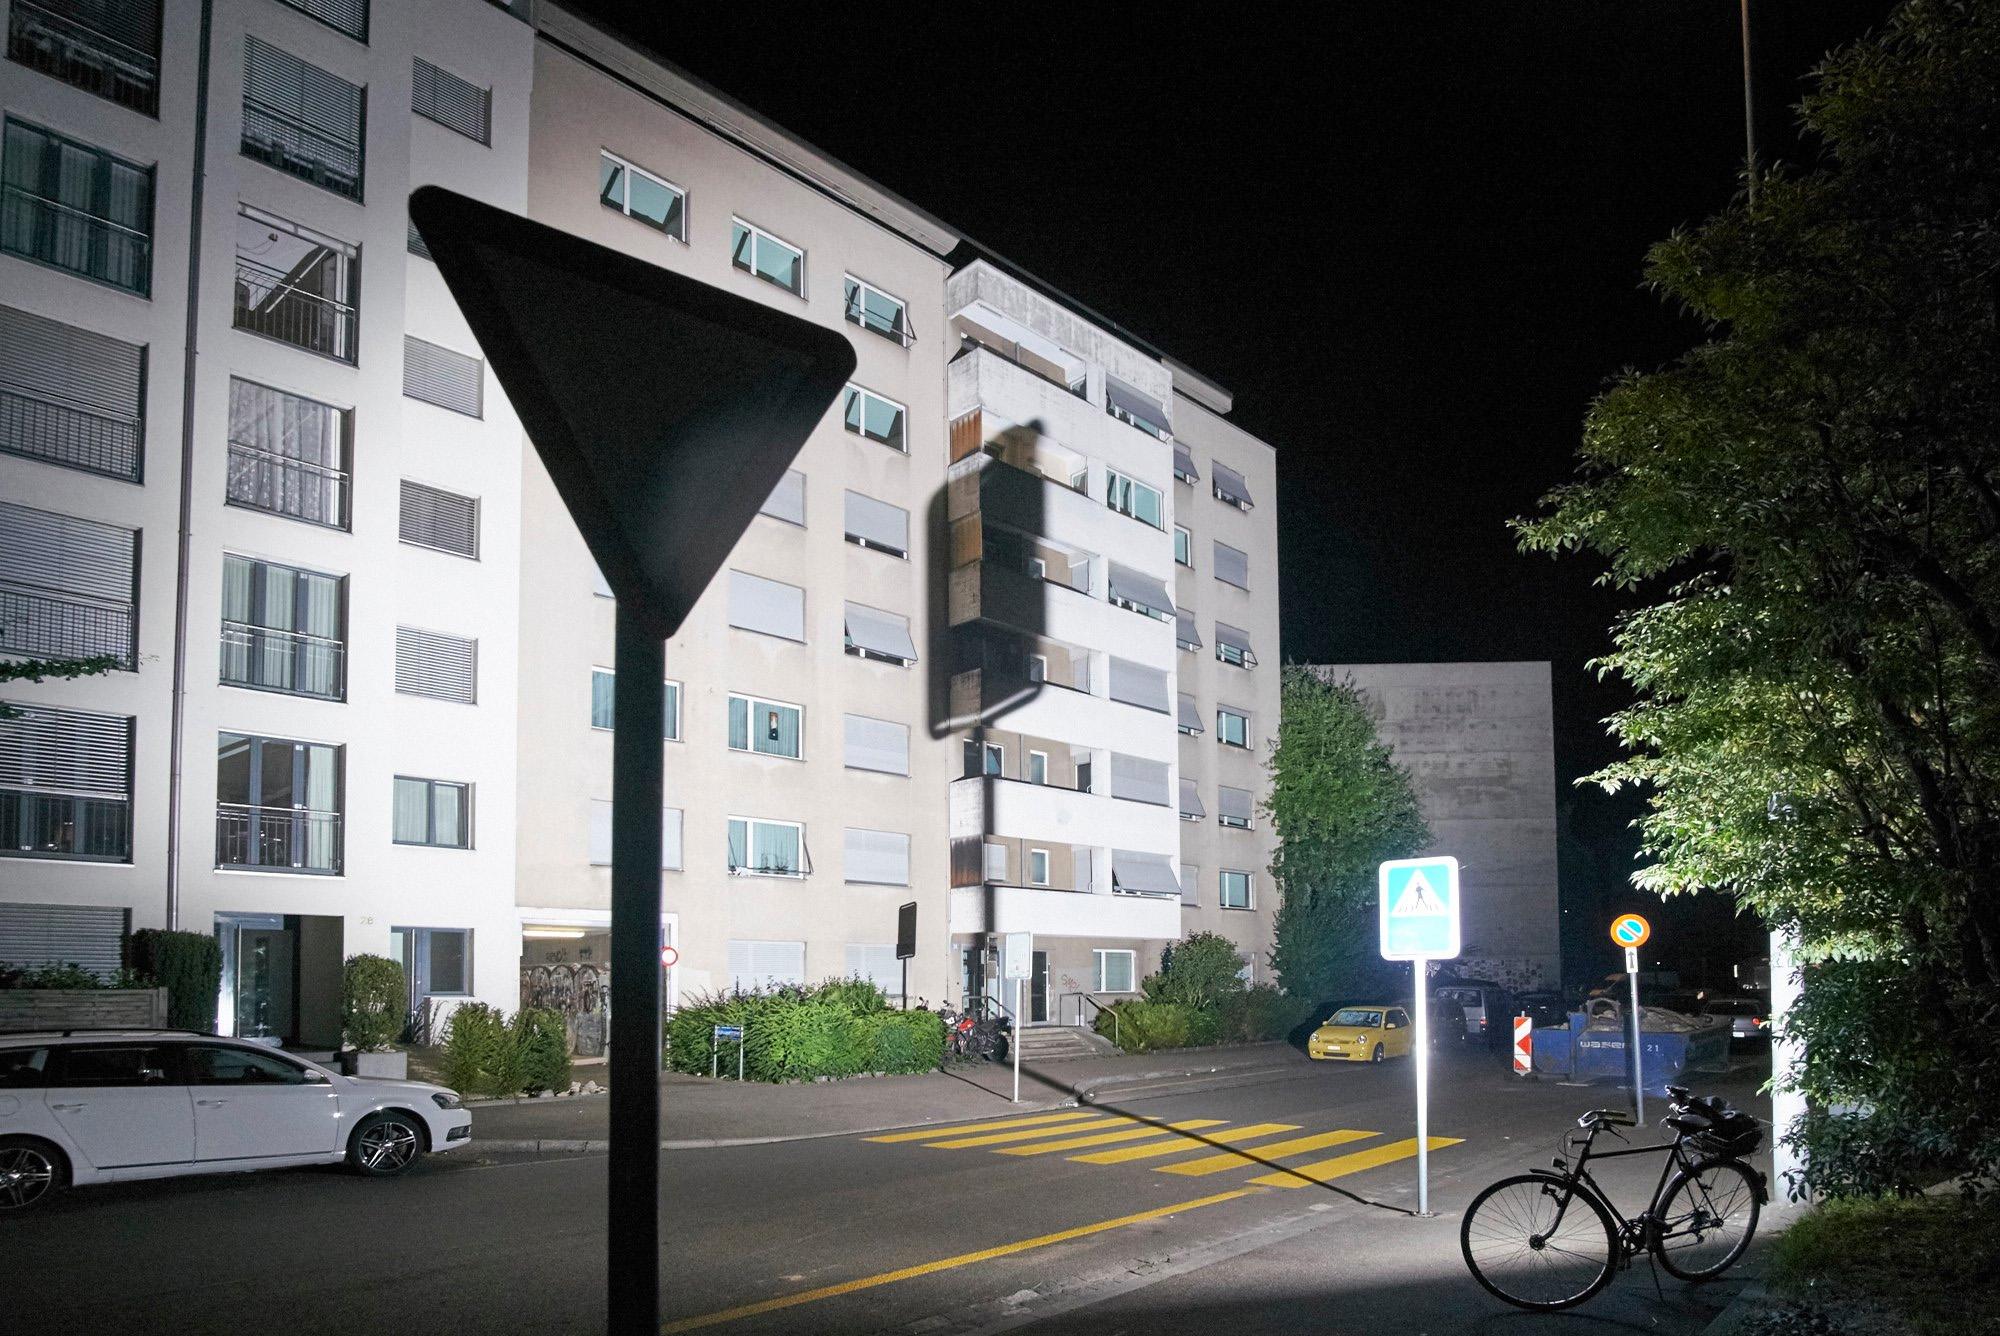 Hier an der Mülhauserstrasse 26 wurde den Mieterinnen und Mietern gekündigt, weil die Eigentümerin Immobilien Basel-Stadt